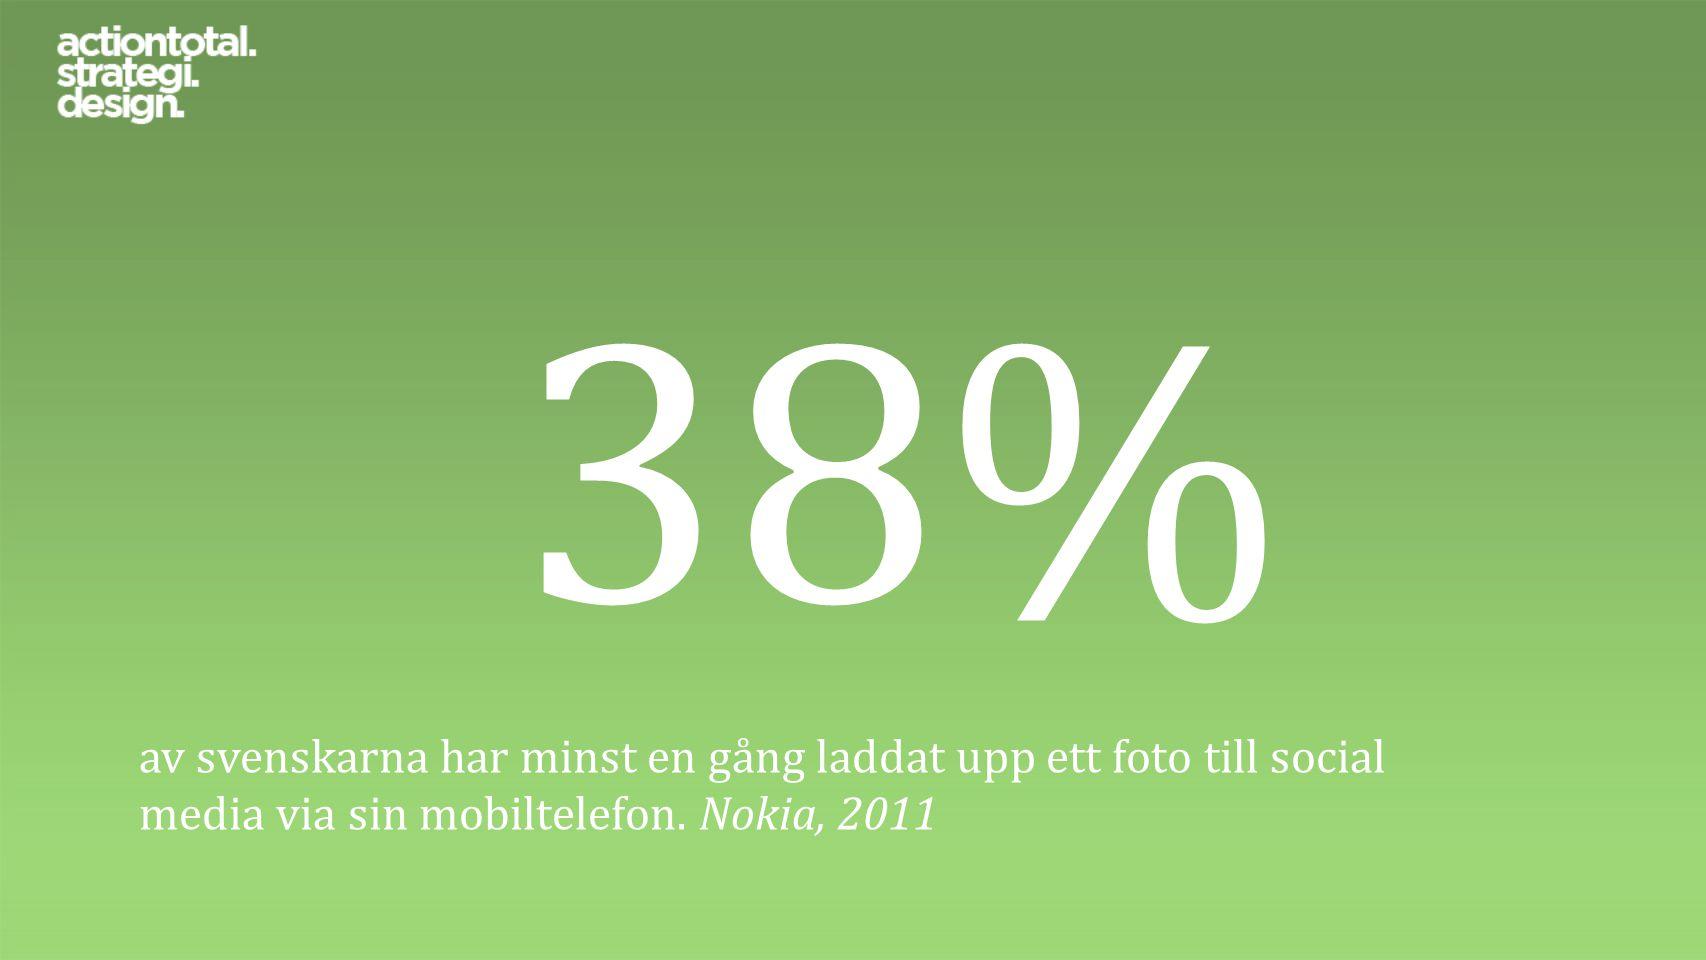 48% av nordiska företag använder sociala nätverk och social media för att hitta nya kunder och nya affärer.